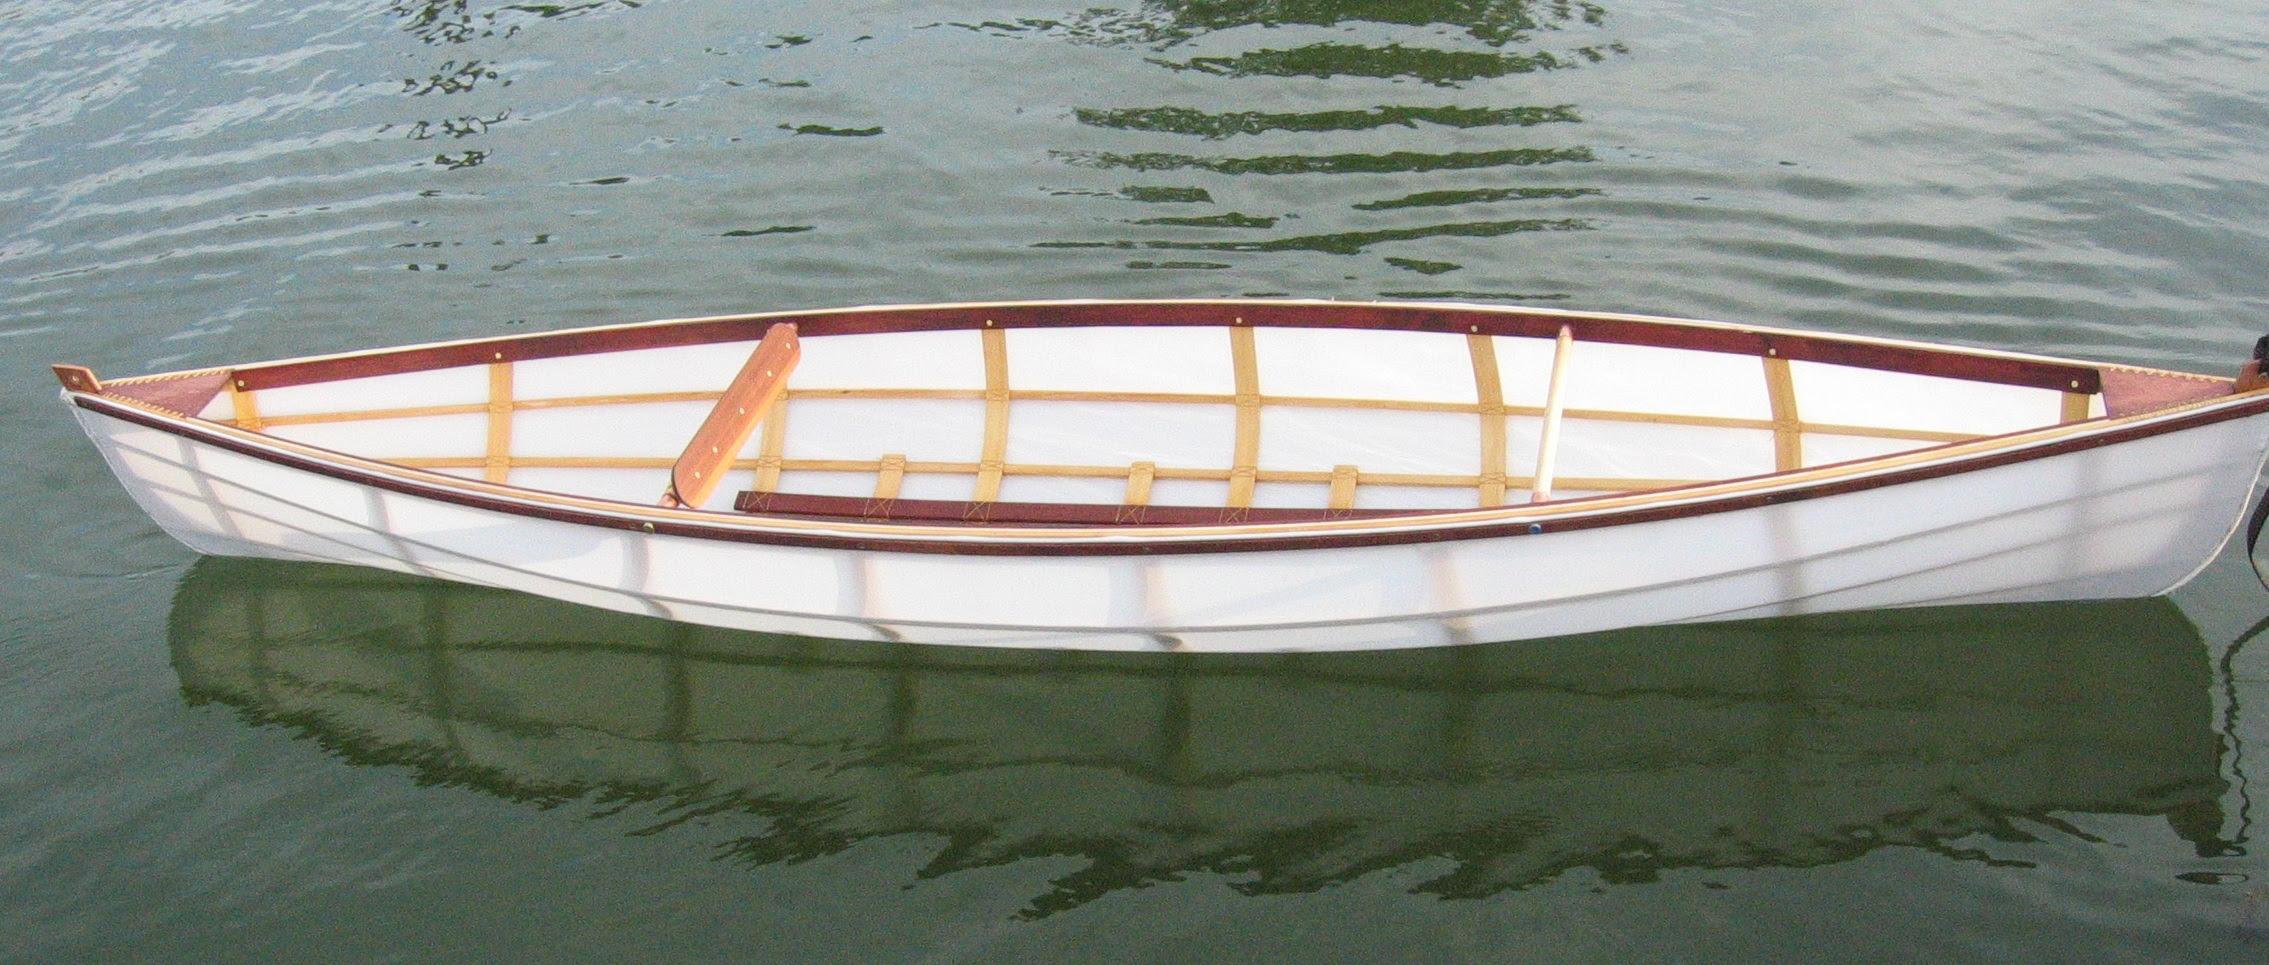 canoe kits, kayak kits, skin on frame boat kits   Dreamcatcher Boats